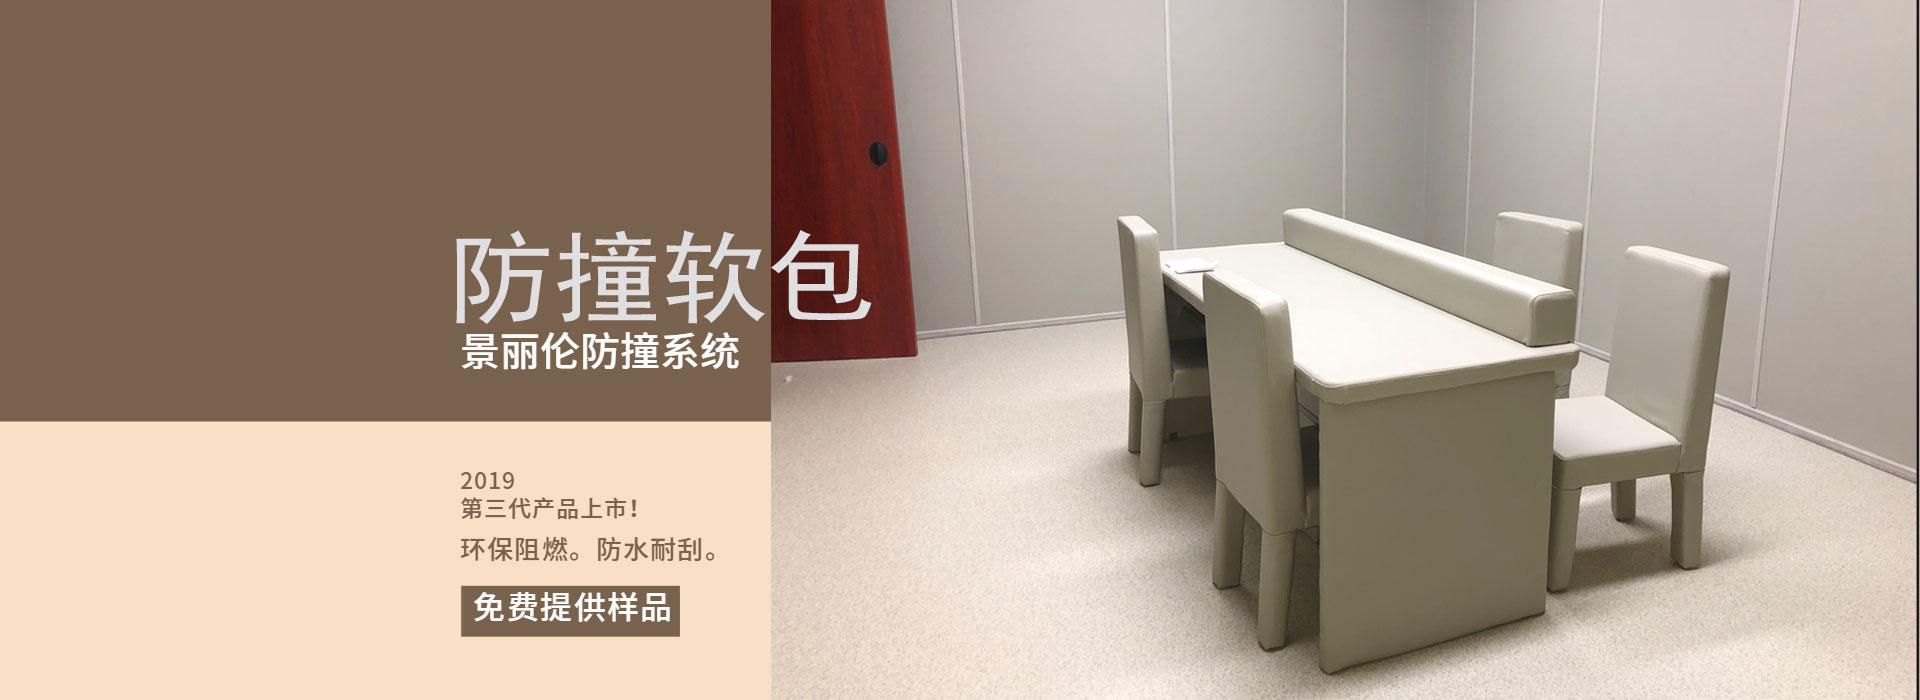 铝制吸音板与常规其他类型吸音板尺寸分享